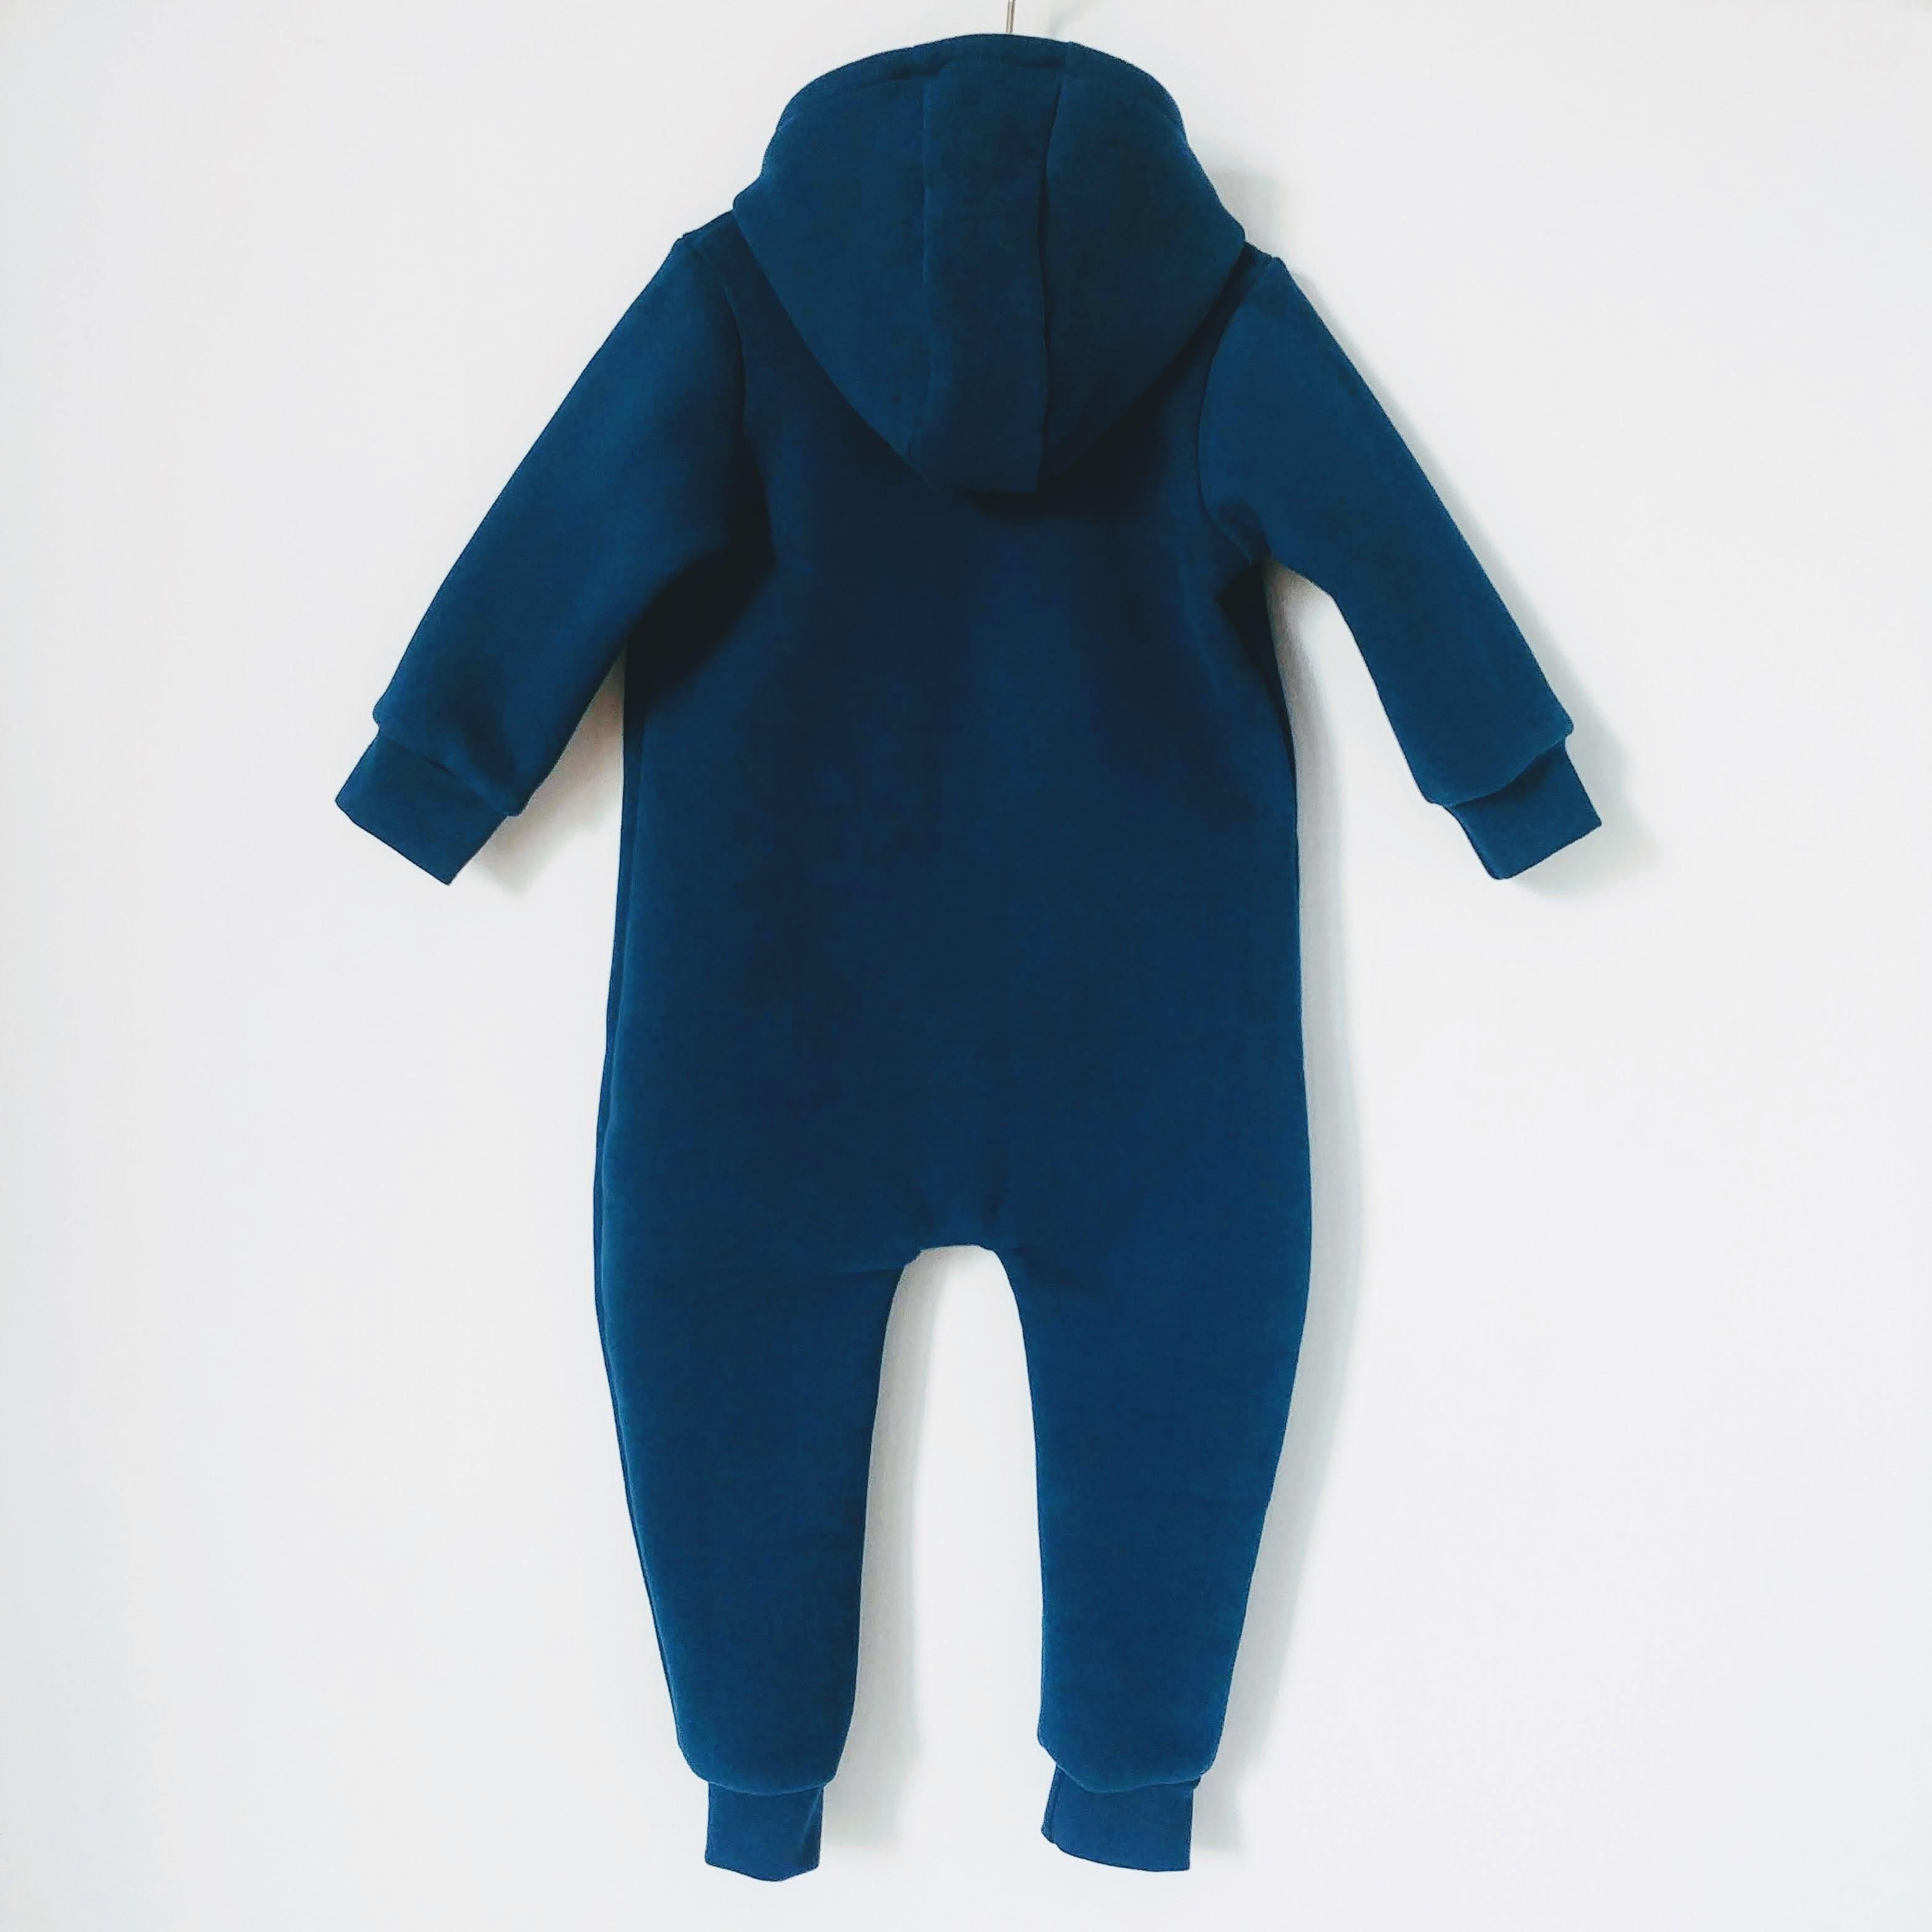 Dziecięcy kombinezon w kolorze morskim, niesamowicie gruby, niezwykle ciepły i szalenie miły w dotyku . Idealny dla niemowląt do wózka, czy fotelika samochodowego. Zaprojektowany i uszyty w Polsce. Zapinany na napy.Posiada kaptur oraz ściągacze na nogawkach i rękawkach. Bawełna ma doskonałe właściwości cieplne,ponadto zapewnia doskonałą cyrkulację powietrza ,a dodatkowo bawełna drapana,jest wyjątkowo miękka i miła w dotyku. Dzianiny wykonane ze 100% bawełny, pomimo swojej 100% naturalności, cechują się dużo mniejszą odpornością mechaniczną, która w przypadku dzieci jest niezwykle istotna. Wielokrotne pranie i rozciąganie ( w newralgicznych miejscach, np. łokciach) może powodować deformowanie dzianiny, a tym samym struktury płaszcza. Zastosowane przez nas dzianiny cechują się wysoką wytrzymałością przy zachowaniu naturalnych właściwości bawełny. Kombinezon dziecięcy dostępny w rozmiarach 68/7 4,80/86 oraz 92/98.